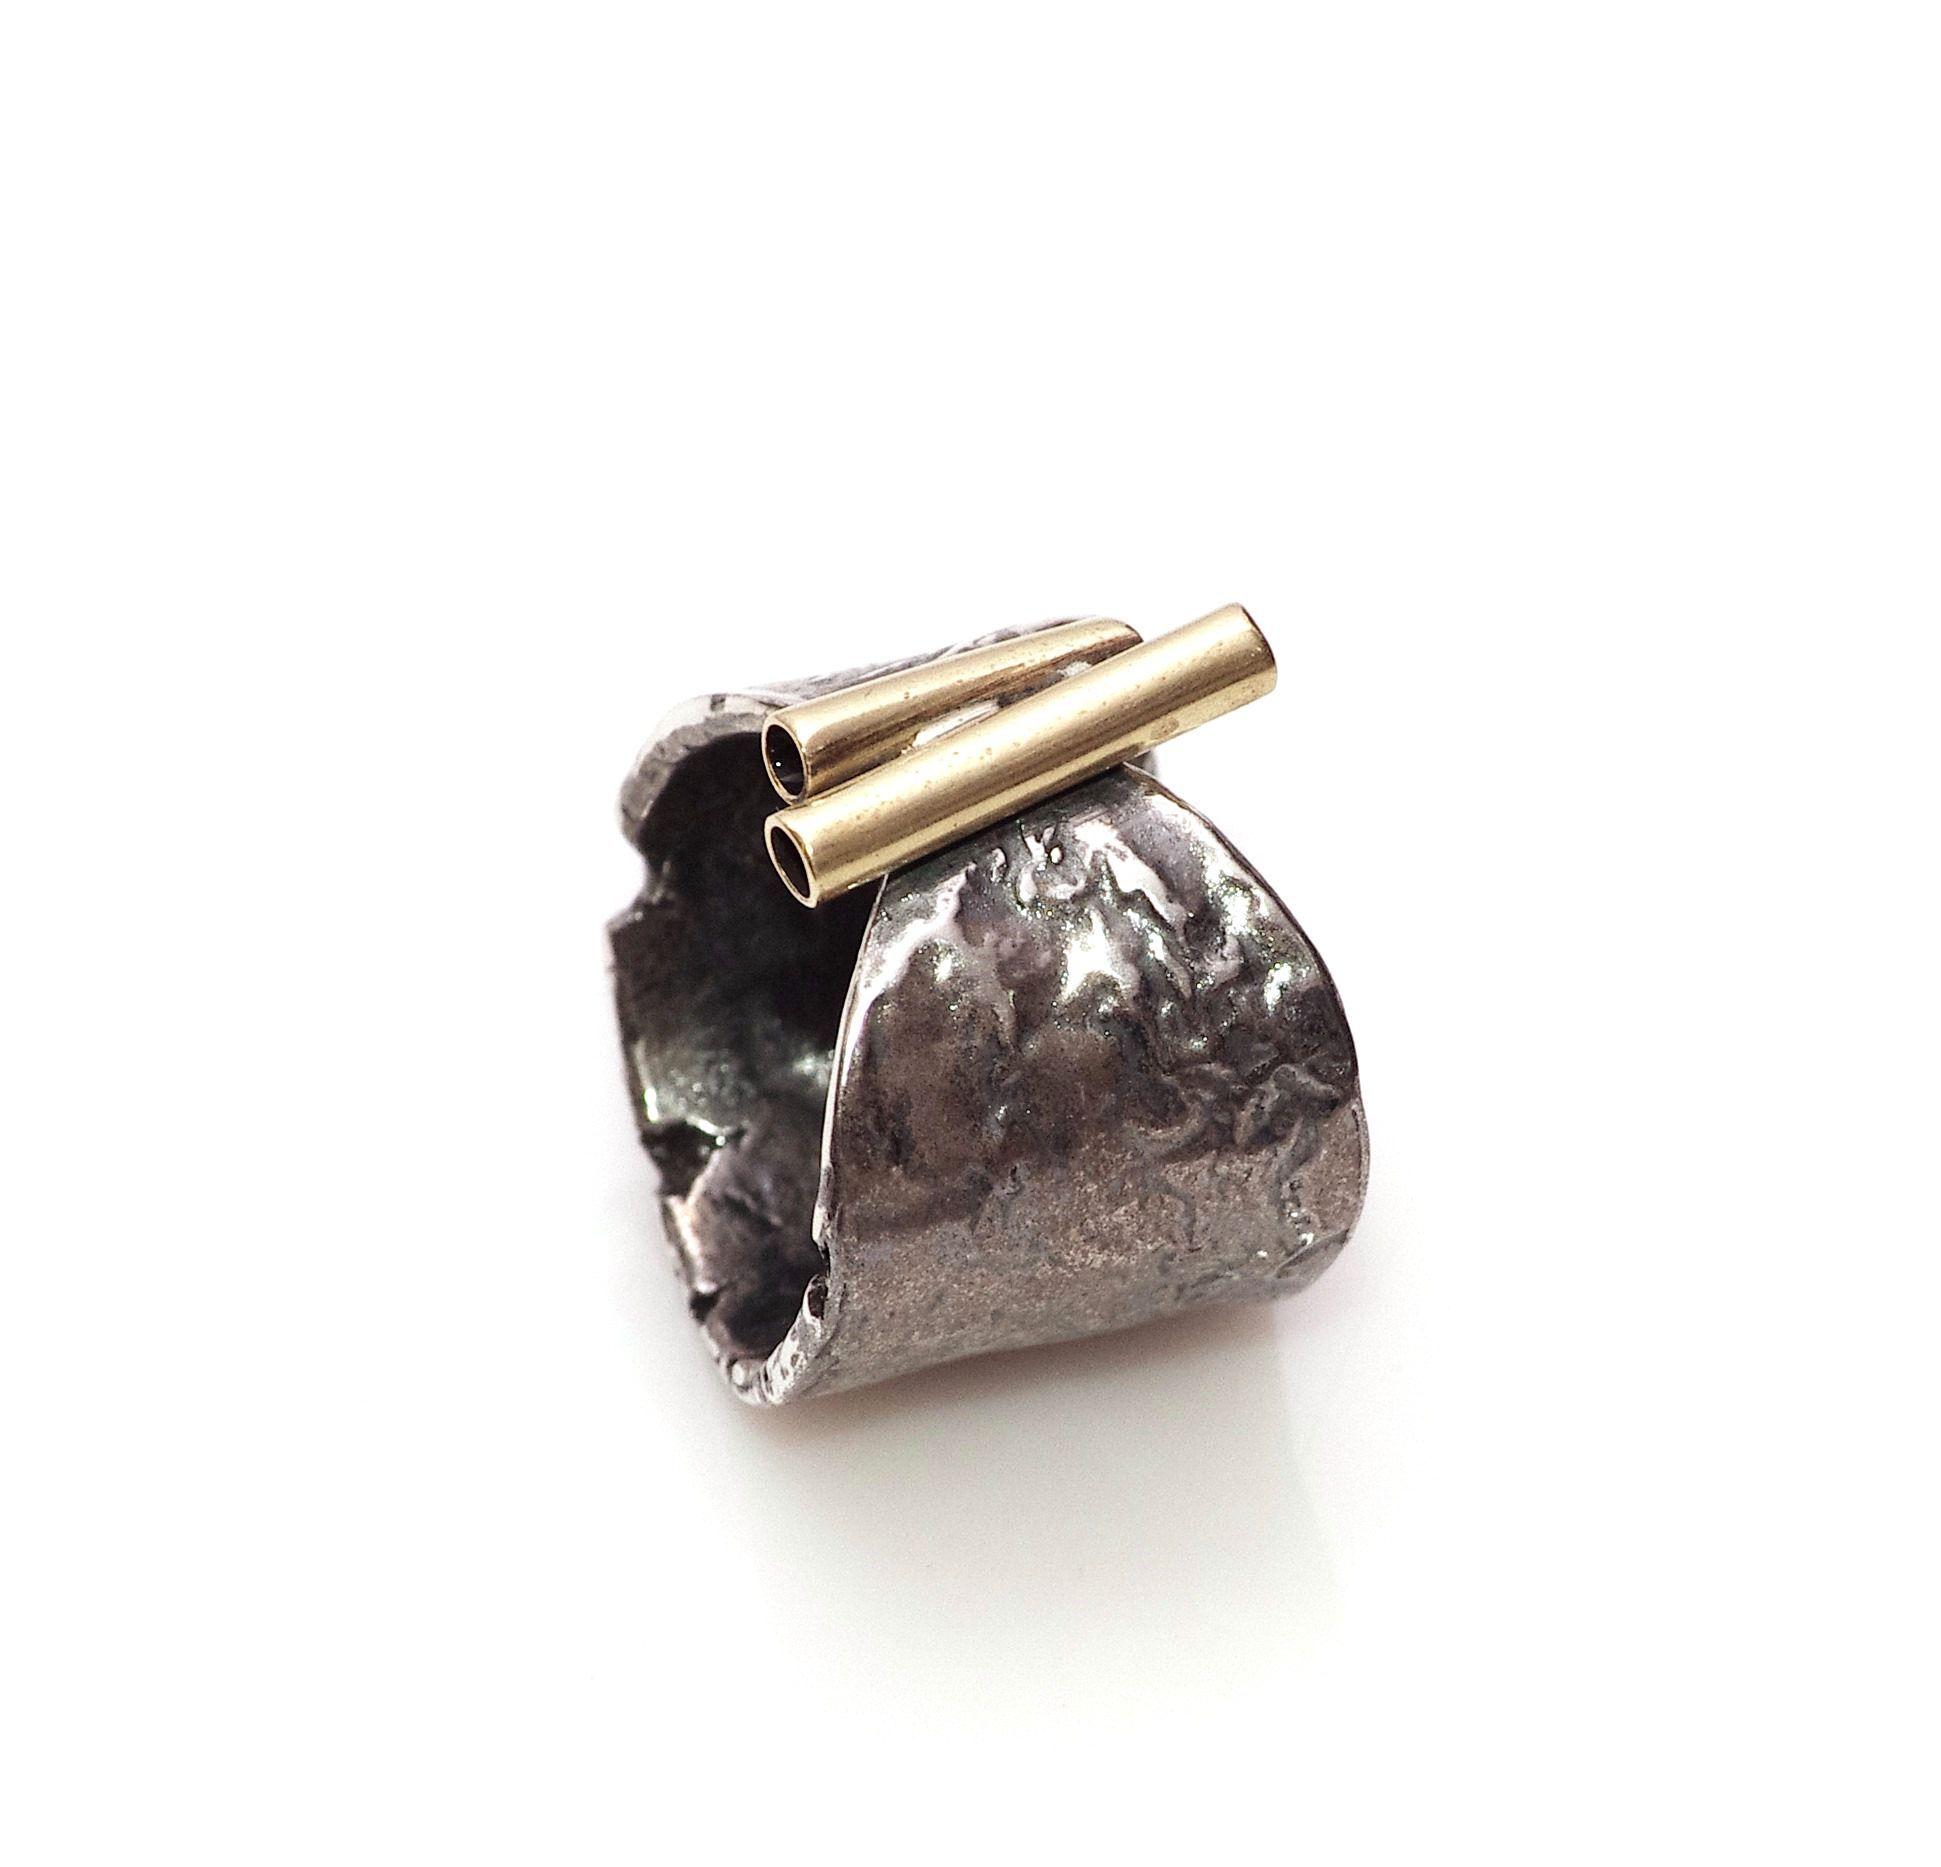 online aici pantofi de separare vânzare profesională inel lat din argint 925 oxidat si alama   Not another diamond ring ...